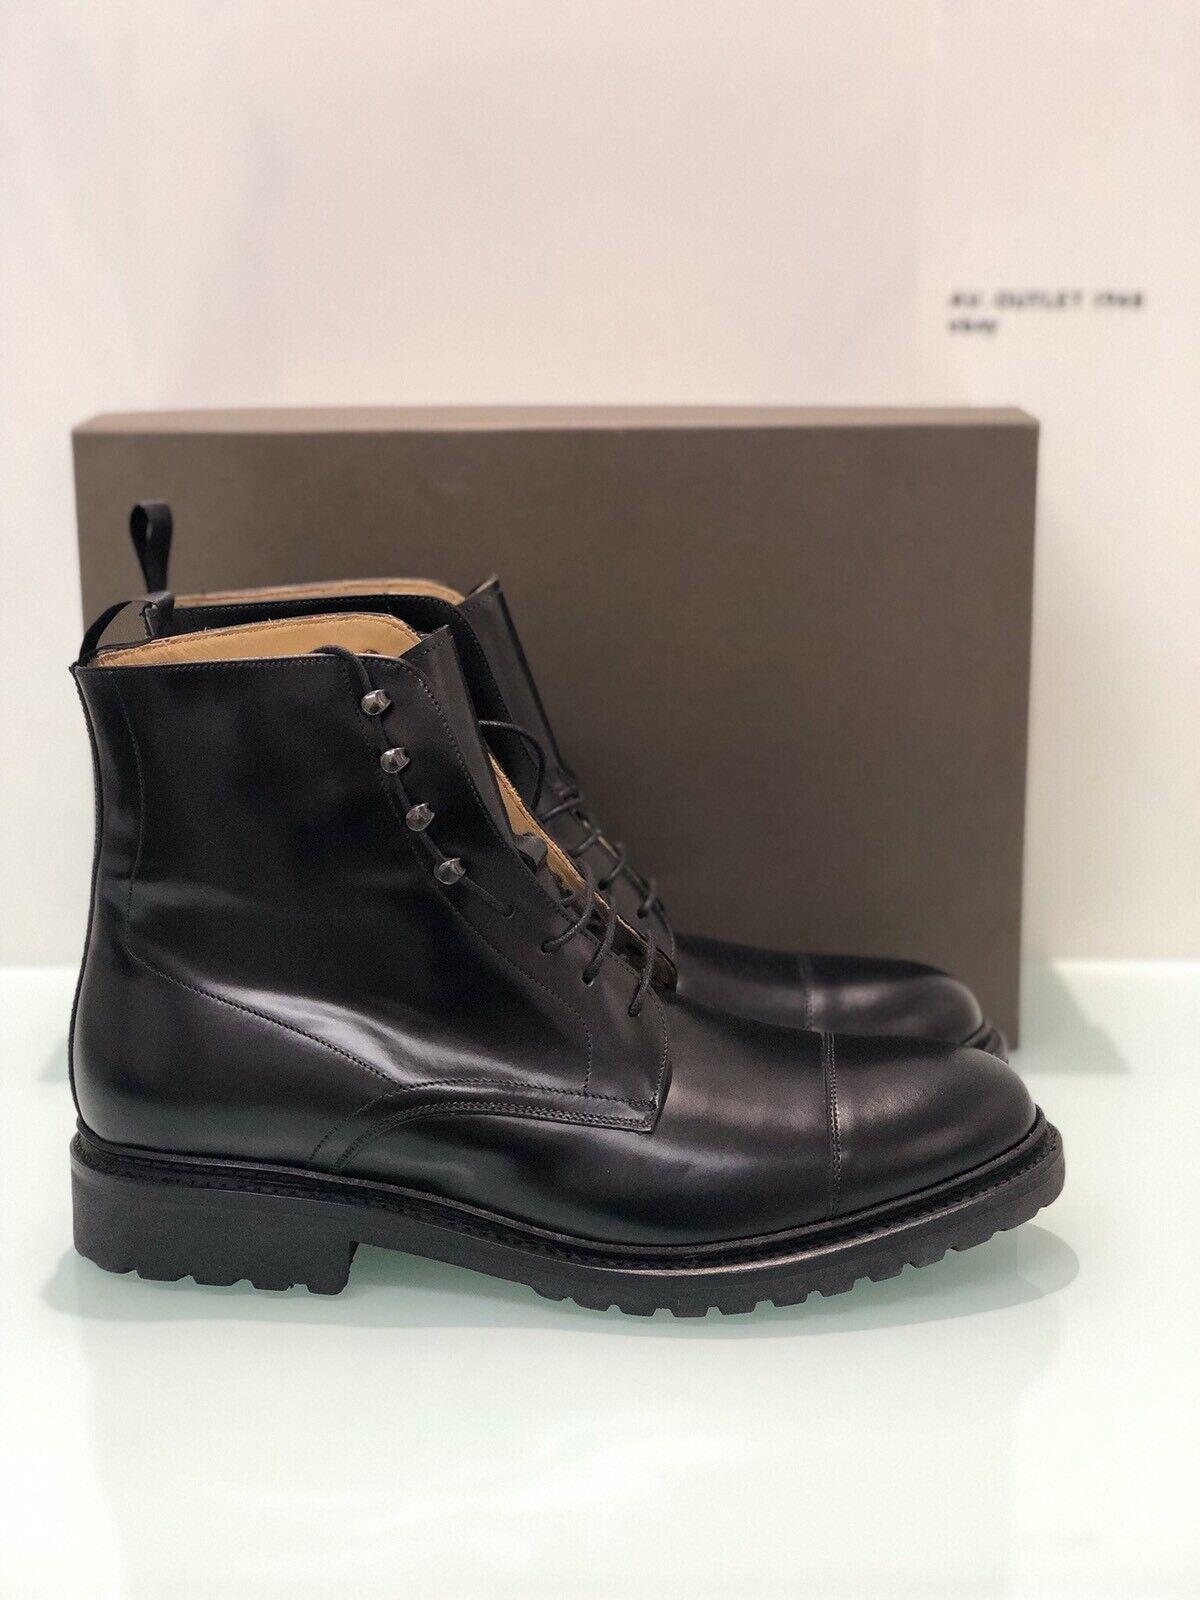 Stiefelette Schwarzes Leder Herren Modell David Brugnoli Luxury Mann Schuhe